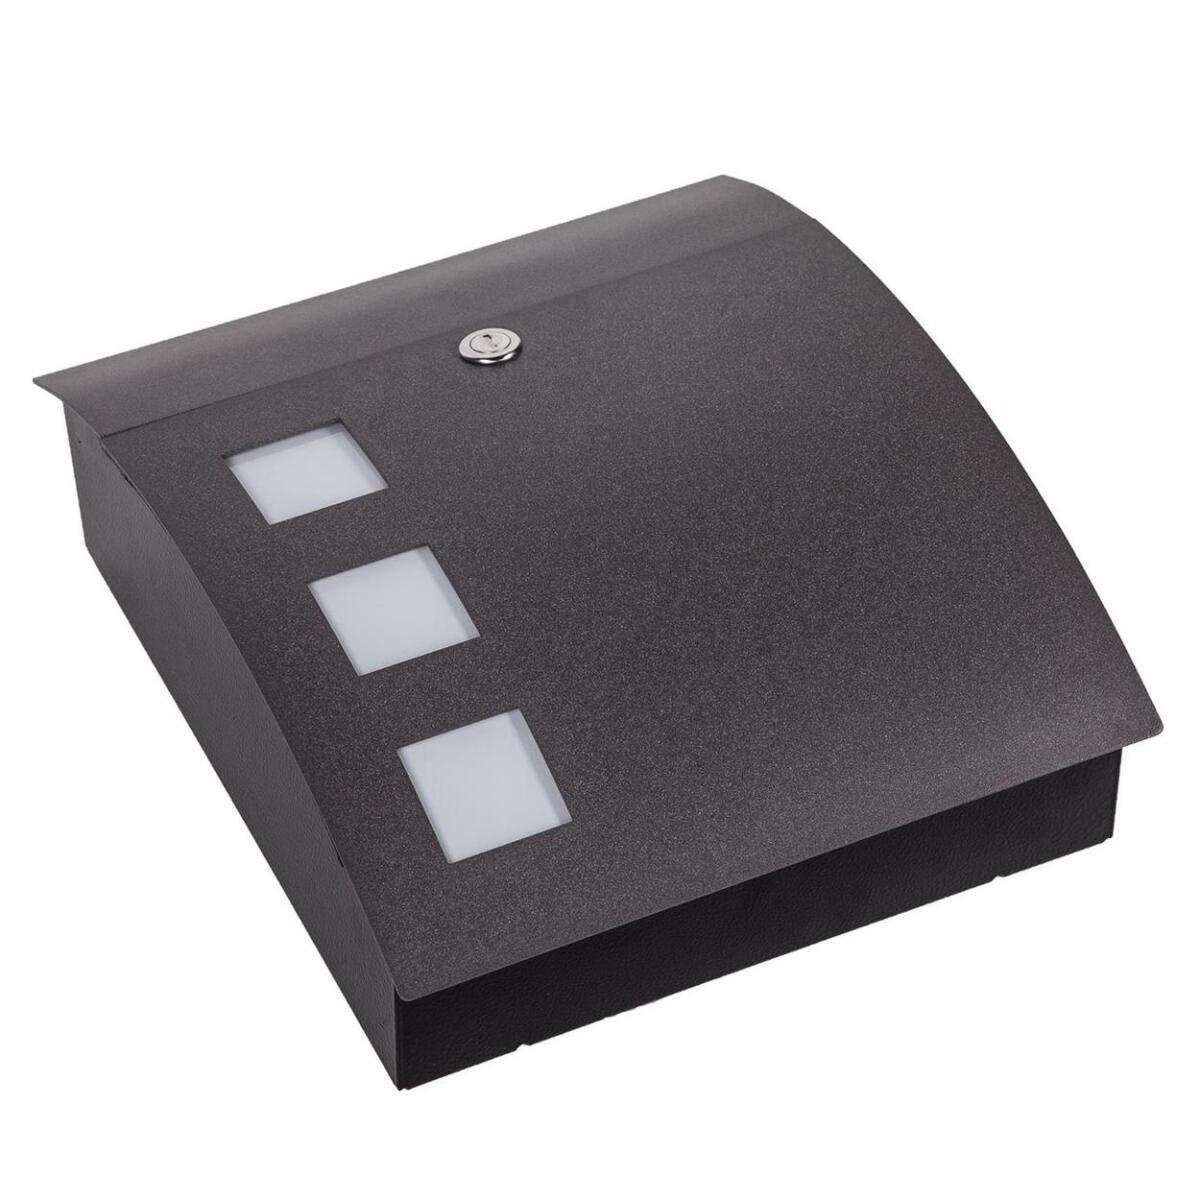 briefkasten anthrazit freistehend stebler briefkasten 99b z8 ral 7016 anthrazit freistehende. Black Bedroom Furniture Sets. Home Design Ideas